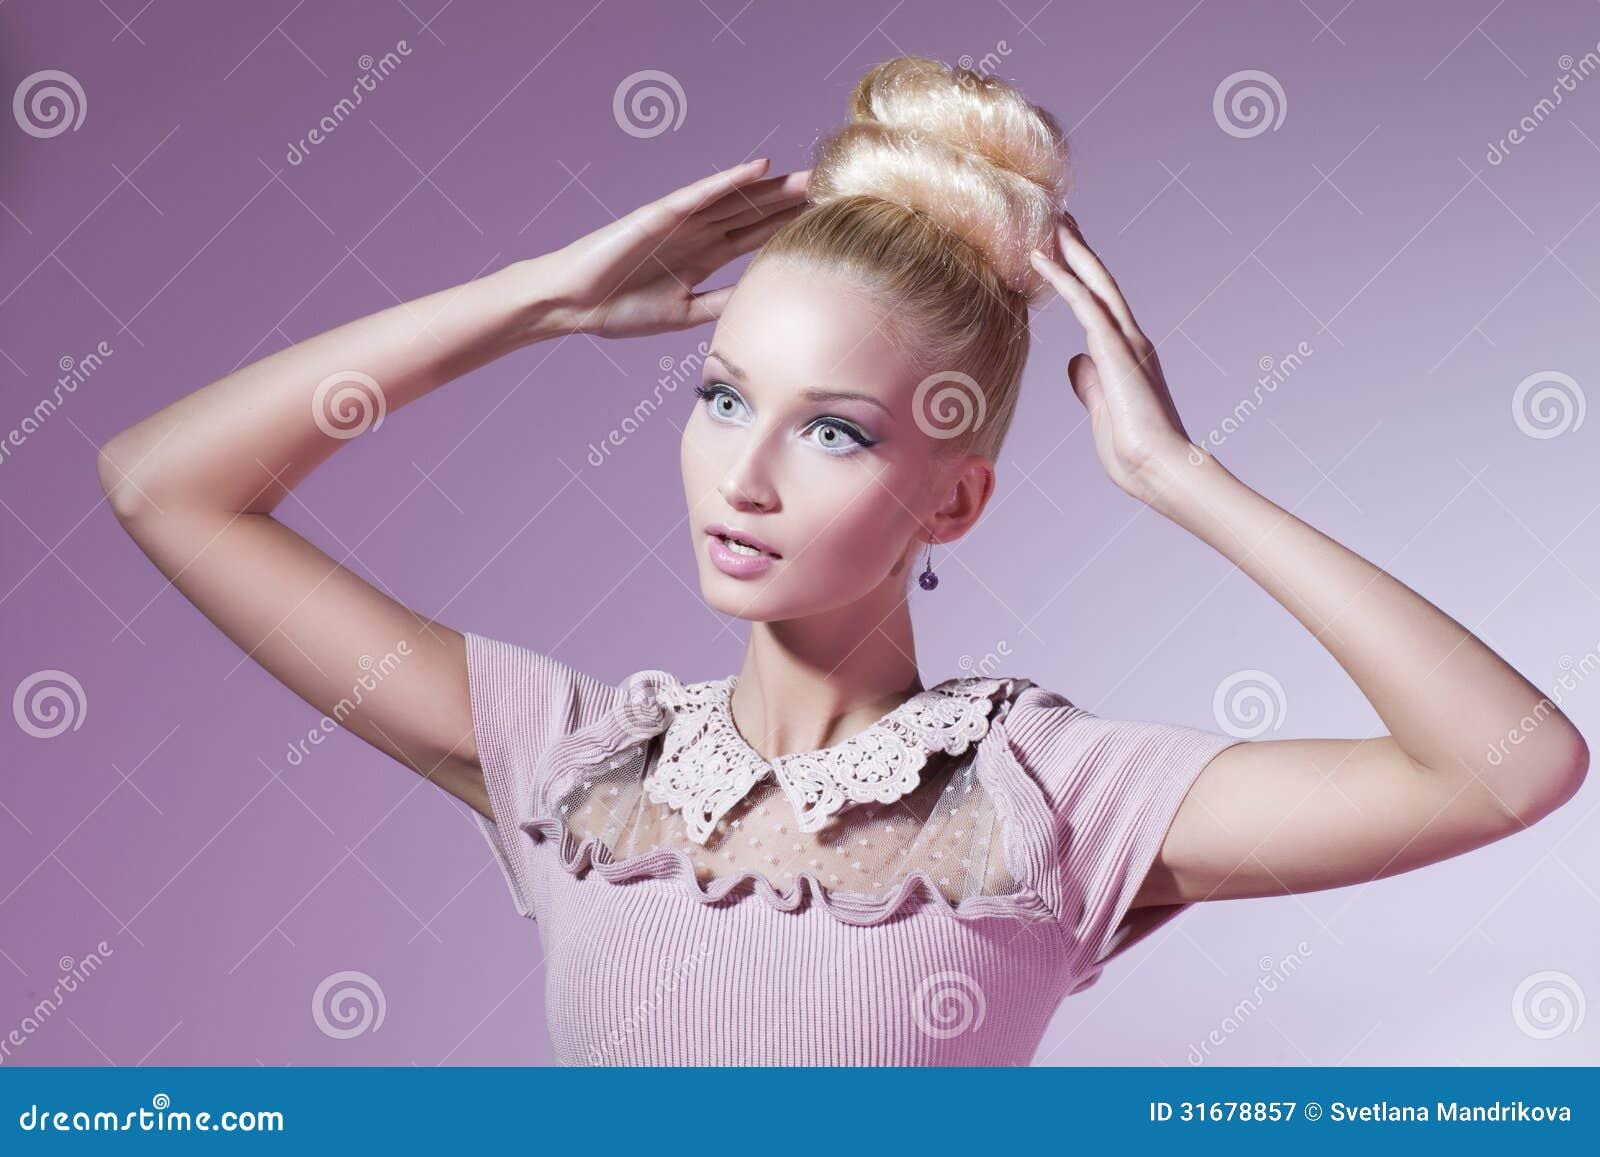 Κορίτσι που μοιάζει με την κούκλα Barbie